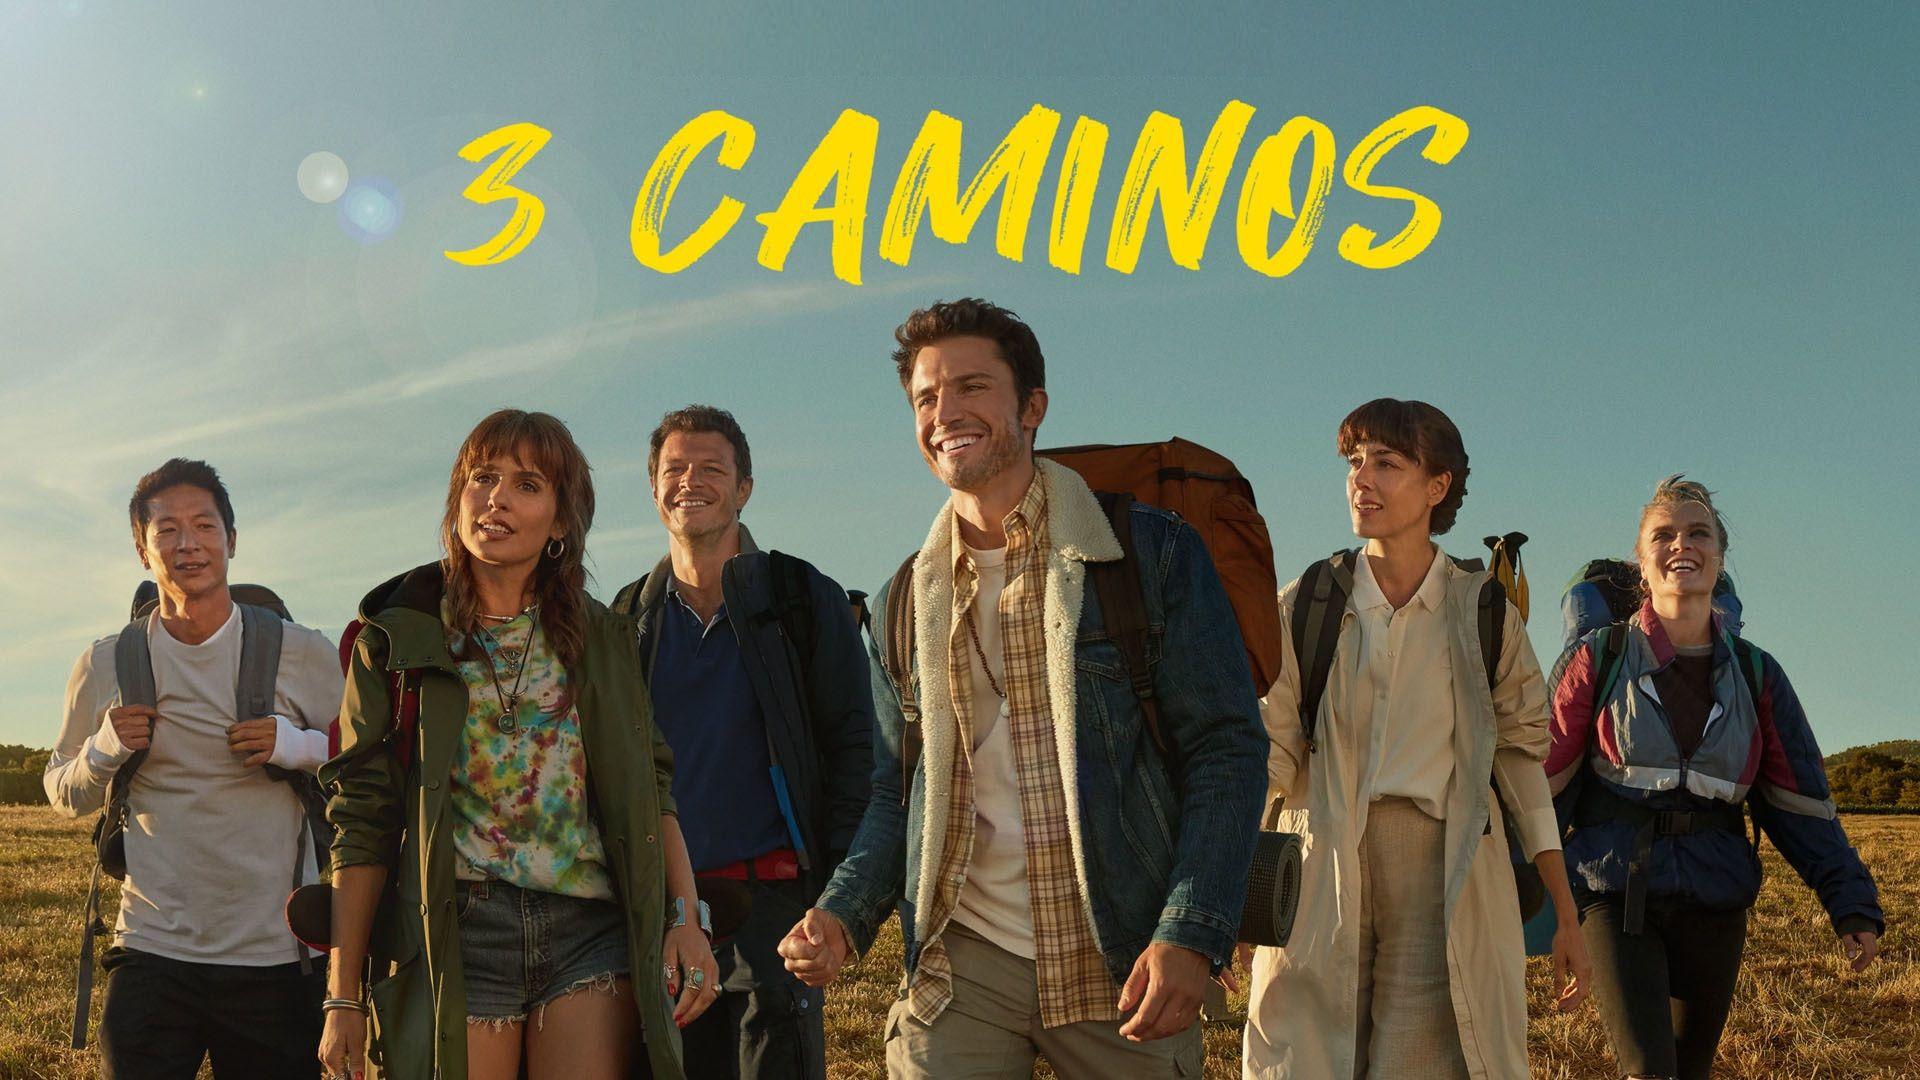 Show 3 Caminos